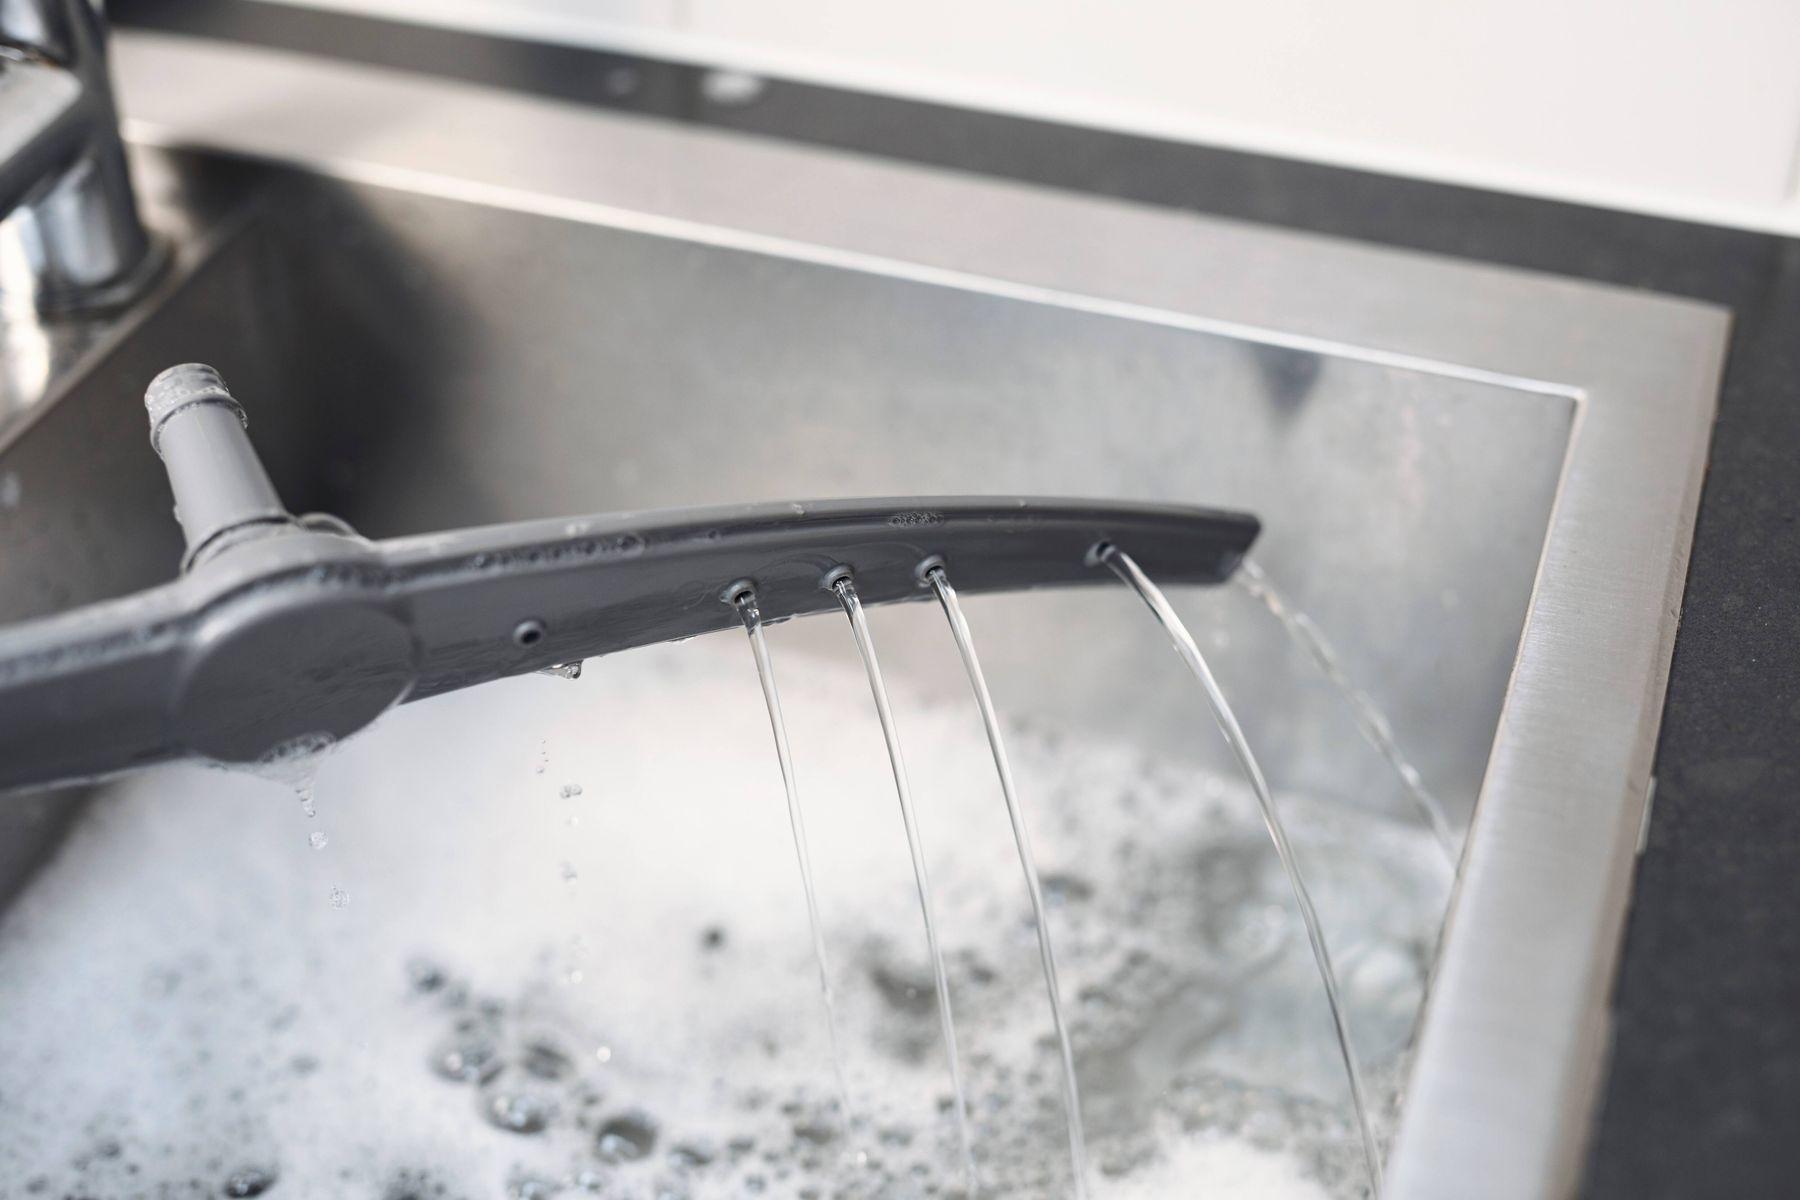 Sự thật về máy rửa bát bạn không ngờ tới